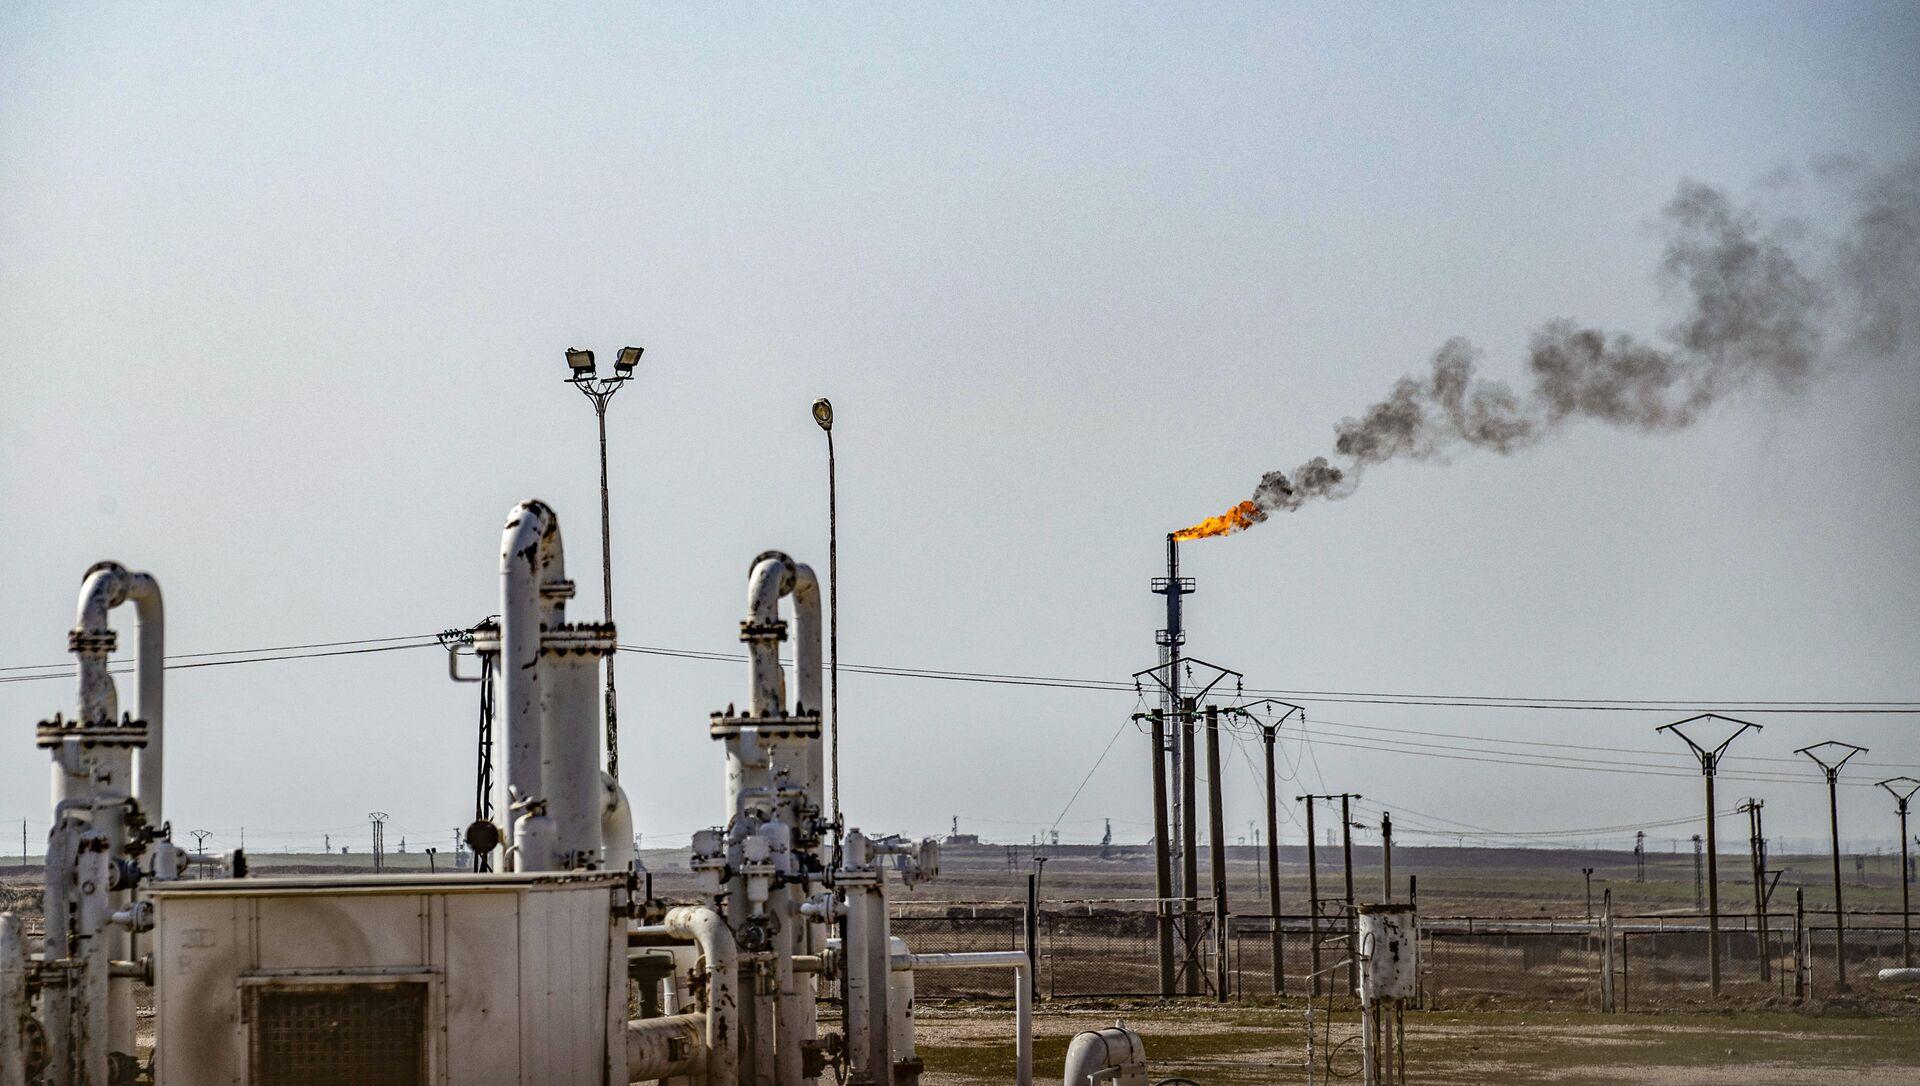 Pola naftowe Suweidiya w północno-wschodniej Syrii w prowincji Hasakah - Sputnik Polska, 1920, 17.02.2021